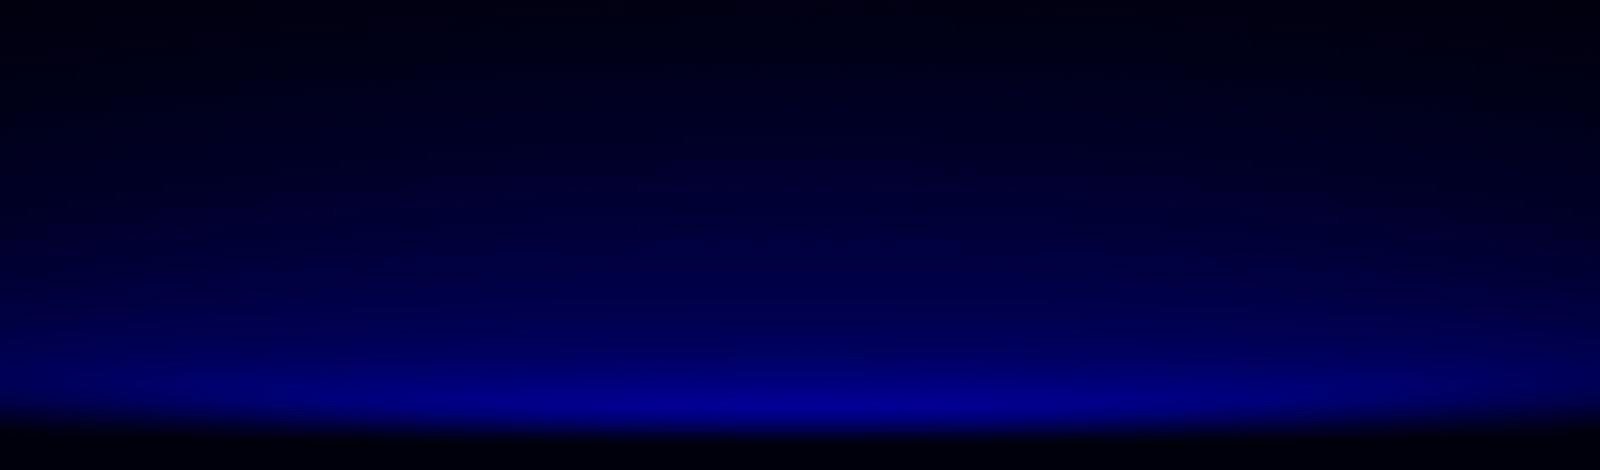 Slider-Garantie-Hintergrund